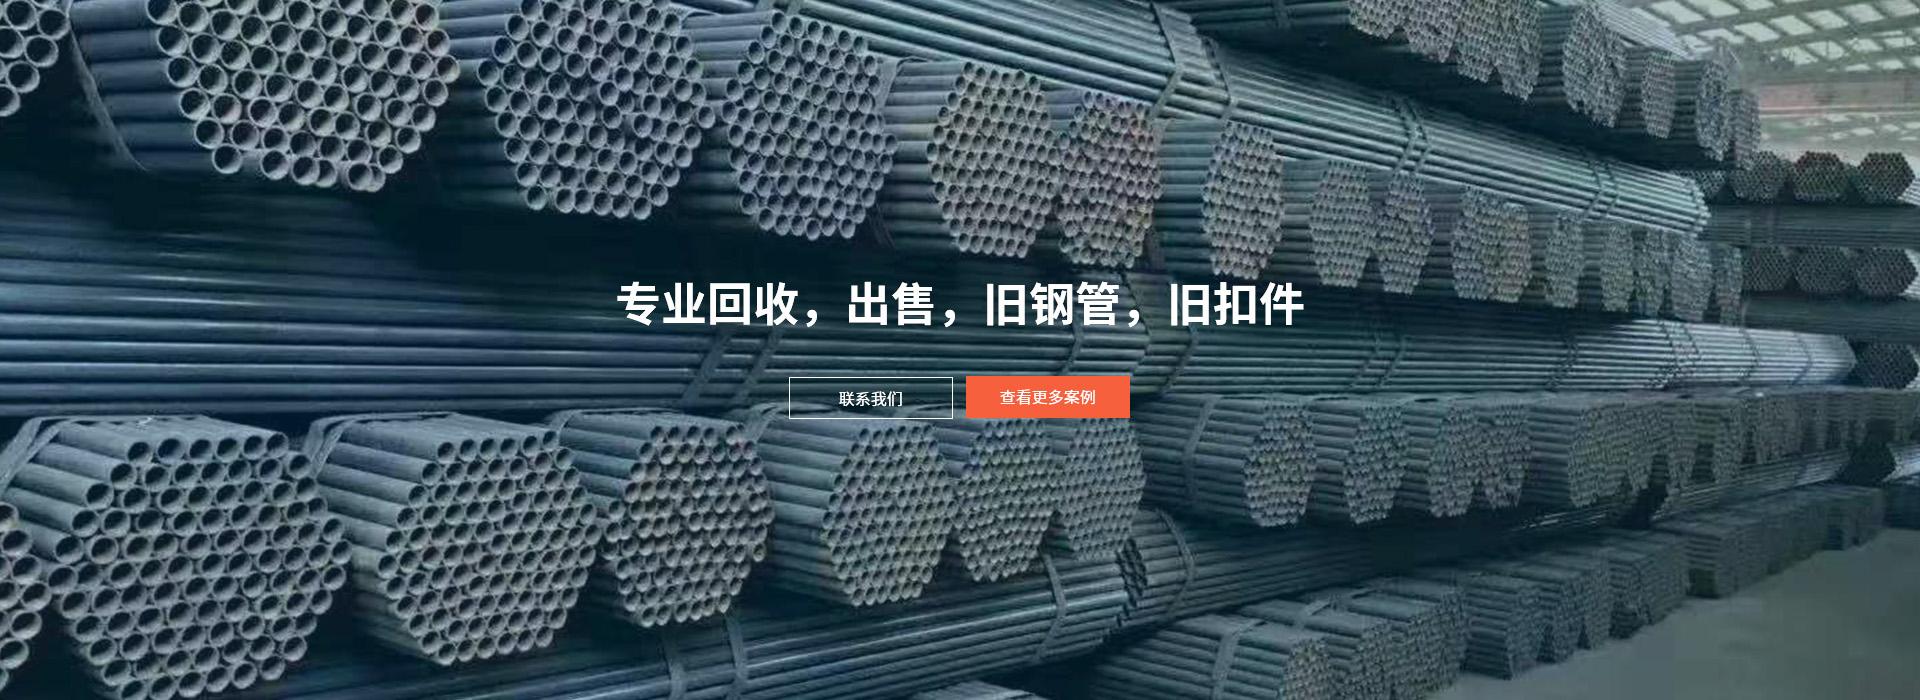 重庆旧钢管回收